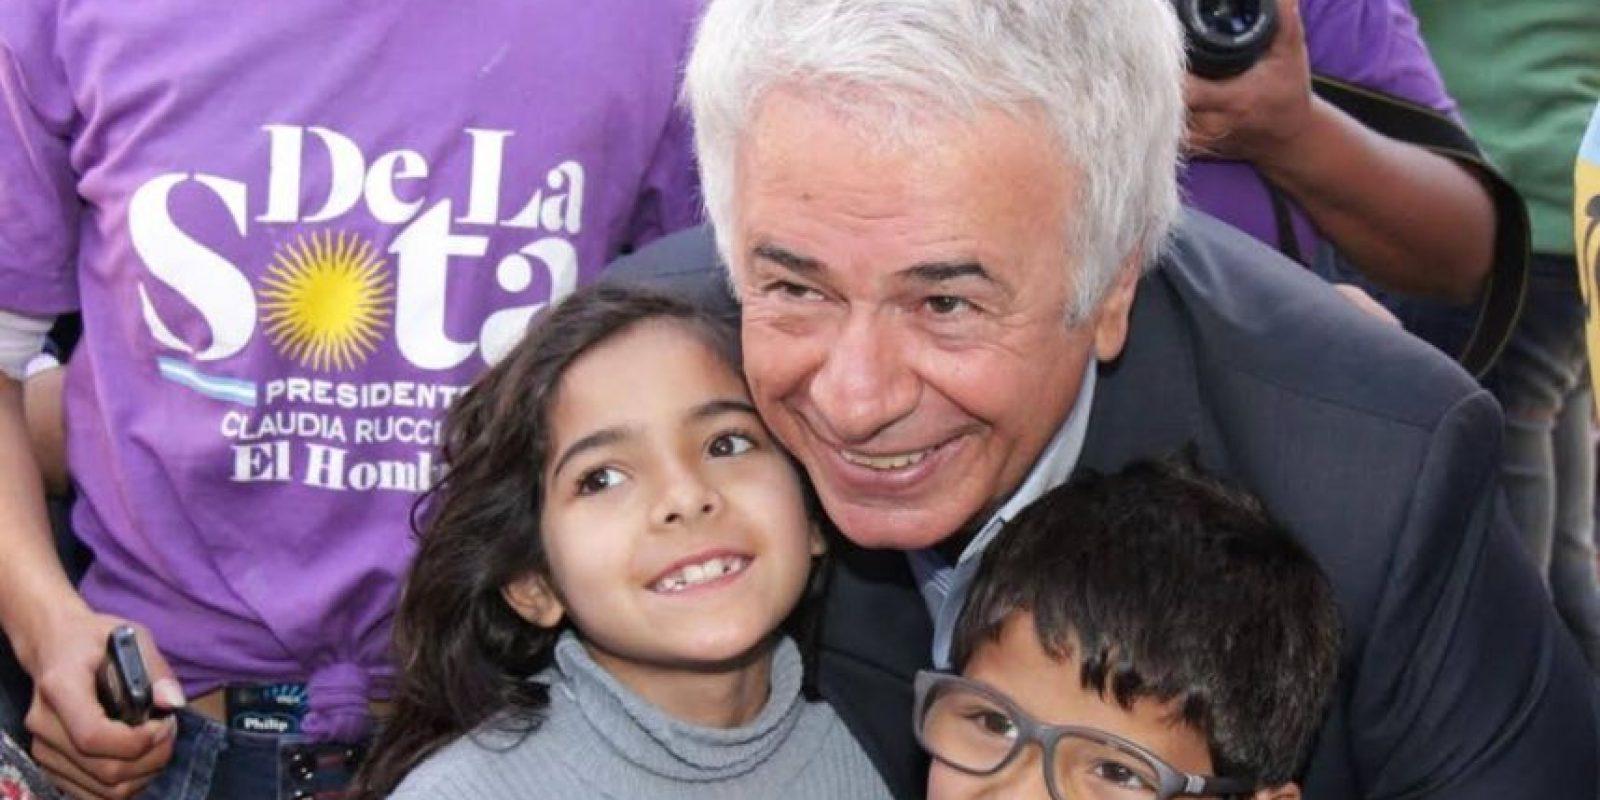 José Manuel de la Sota Foto:facebook.com/DelaSotaOk